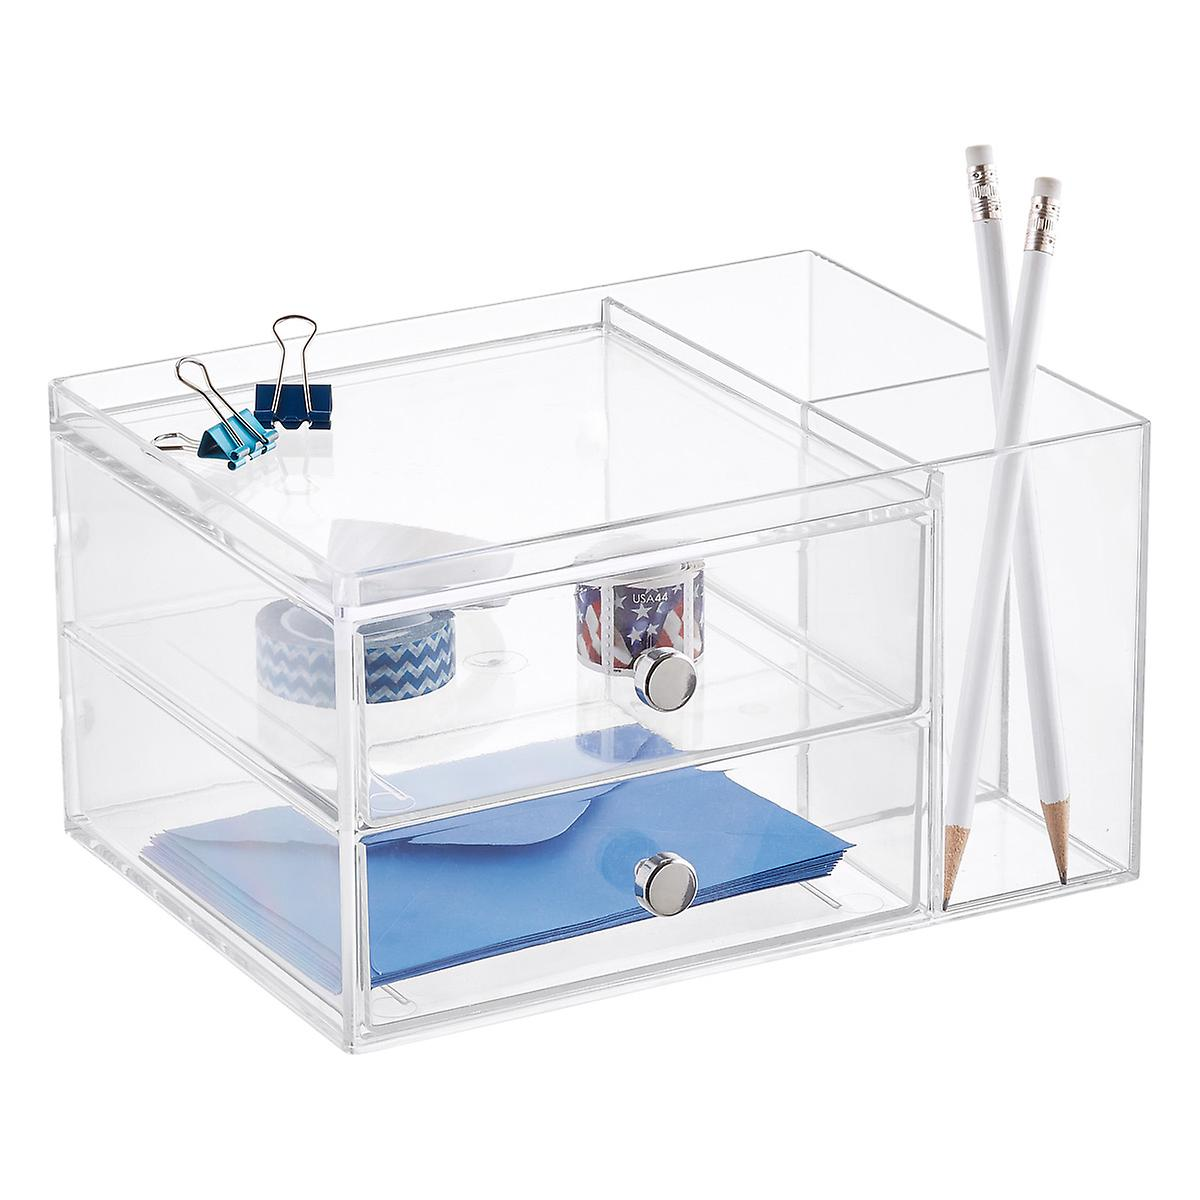 2 Drawer Desk Organizer